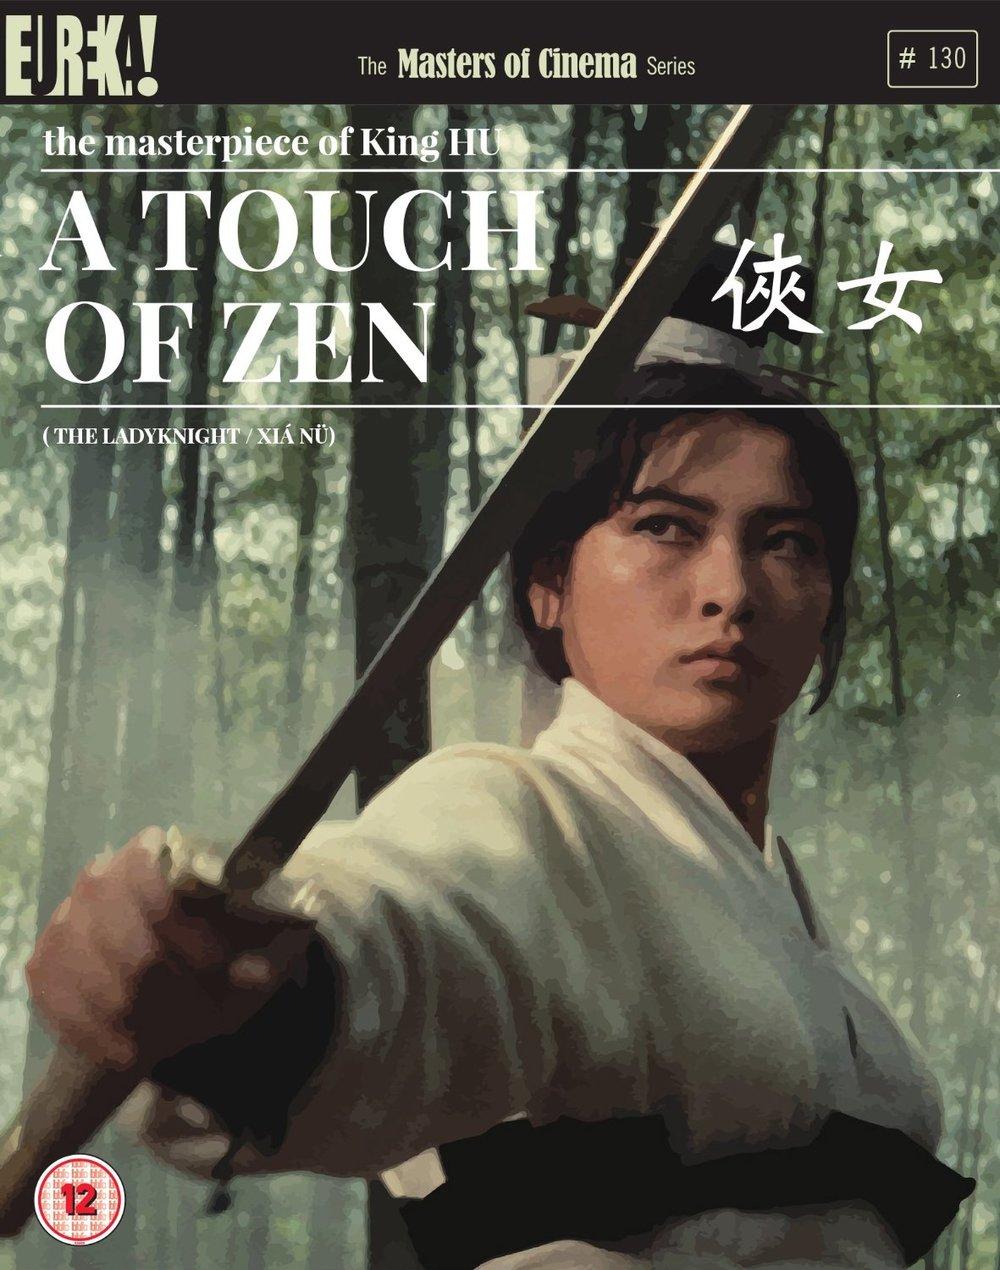 touchofzen-dvd.jpg